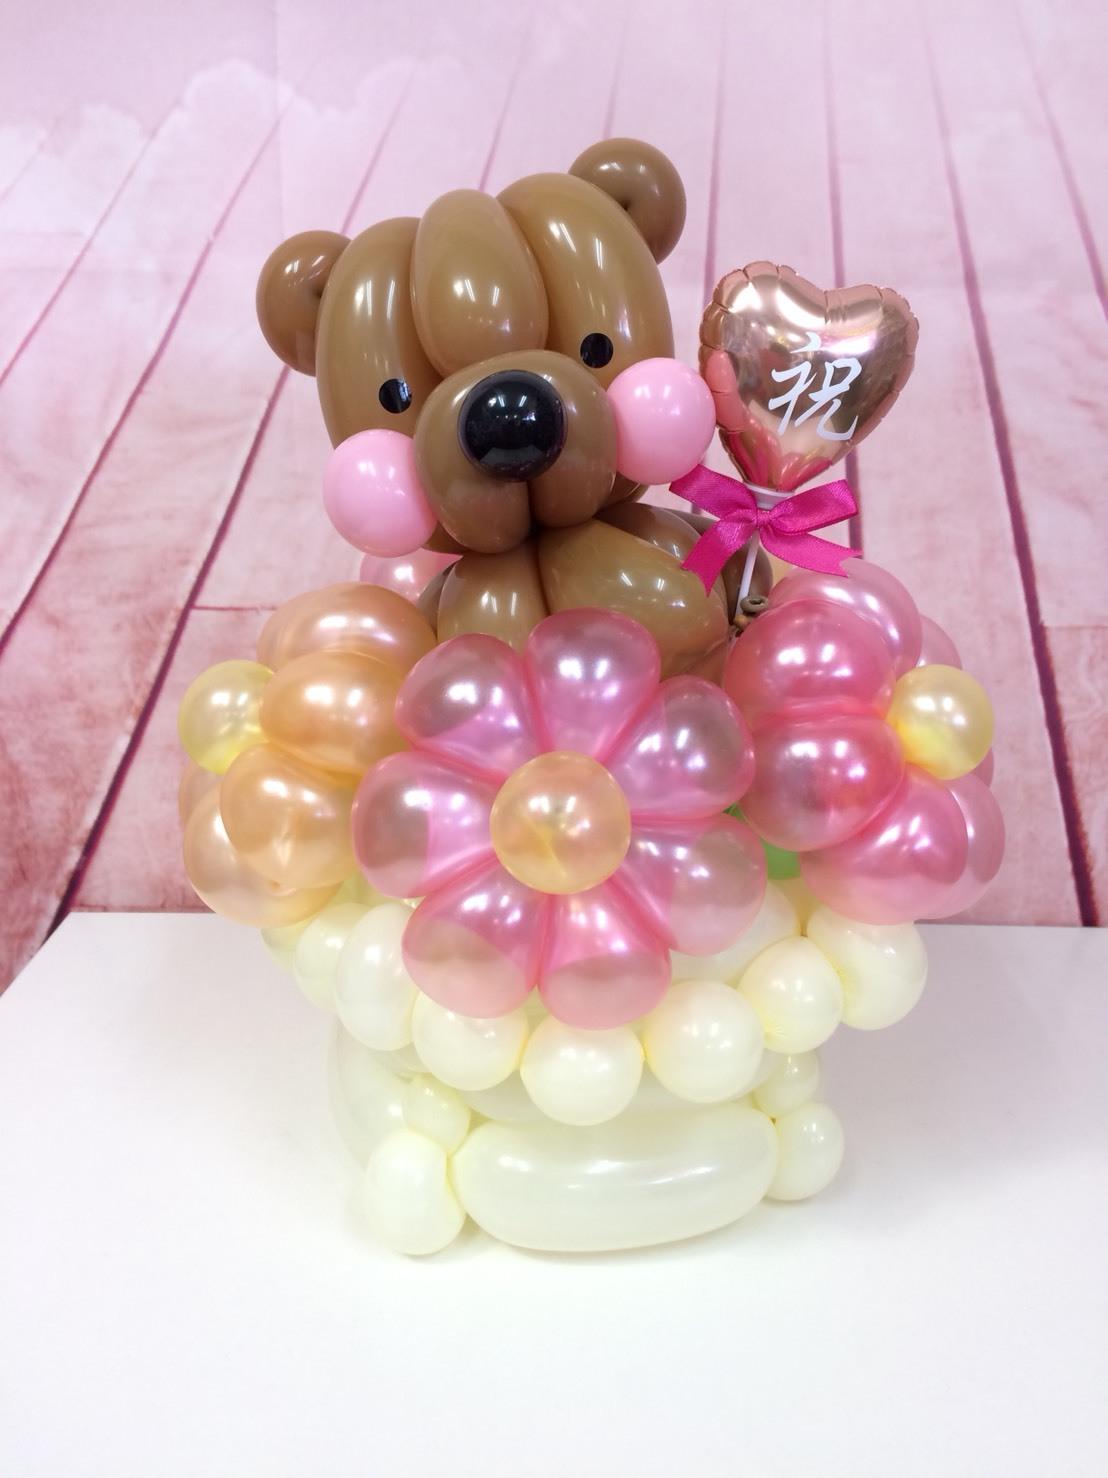 【お祝いのプレゼントに♪】Balloon Art フラワーベアー オーダーメイド制作 《送料込》【長期保護加工済み(約1ヶ月)】